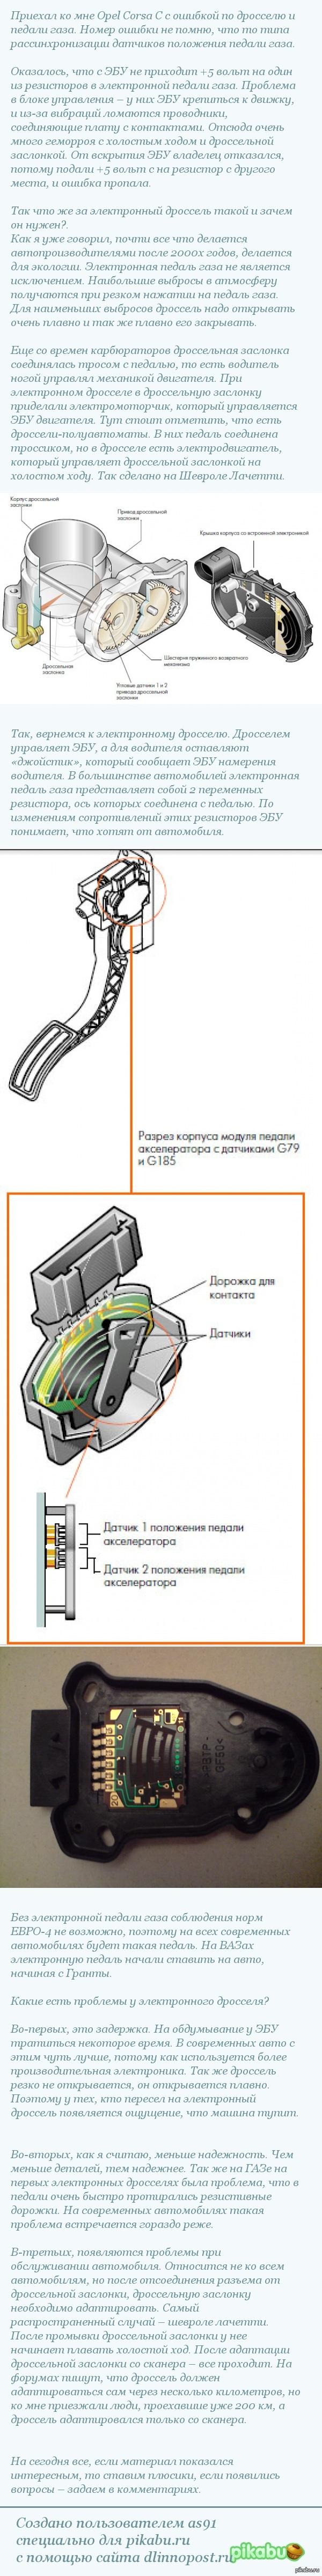 1440661542 1801245487 - Электронная педаль газа ваз 2114 проблемы